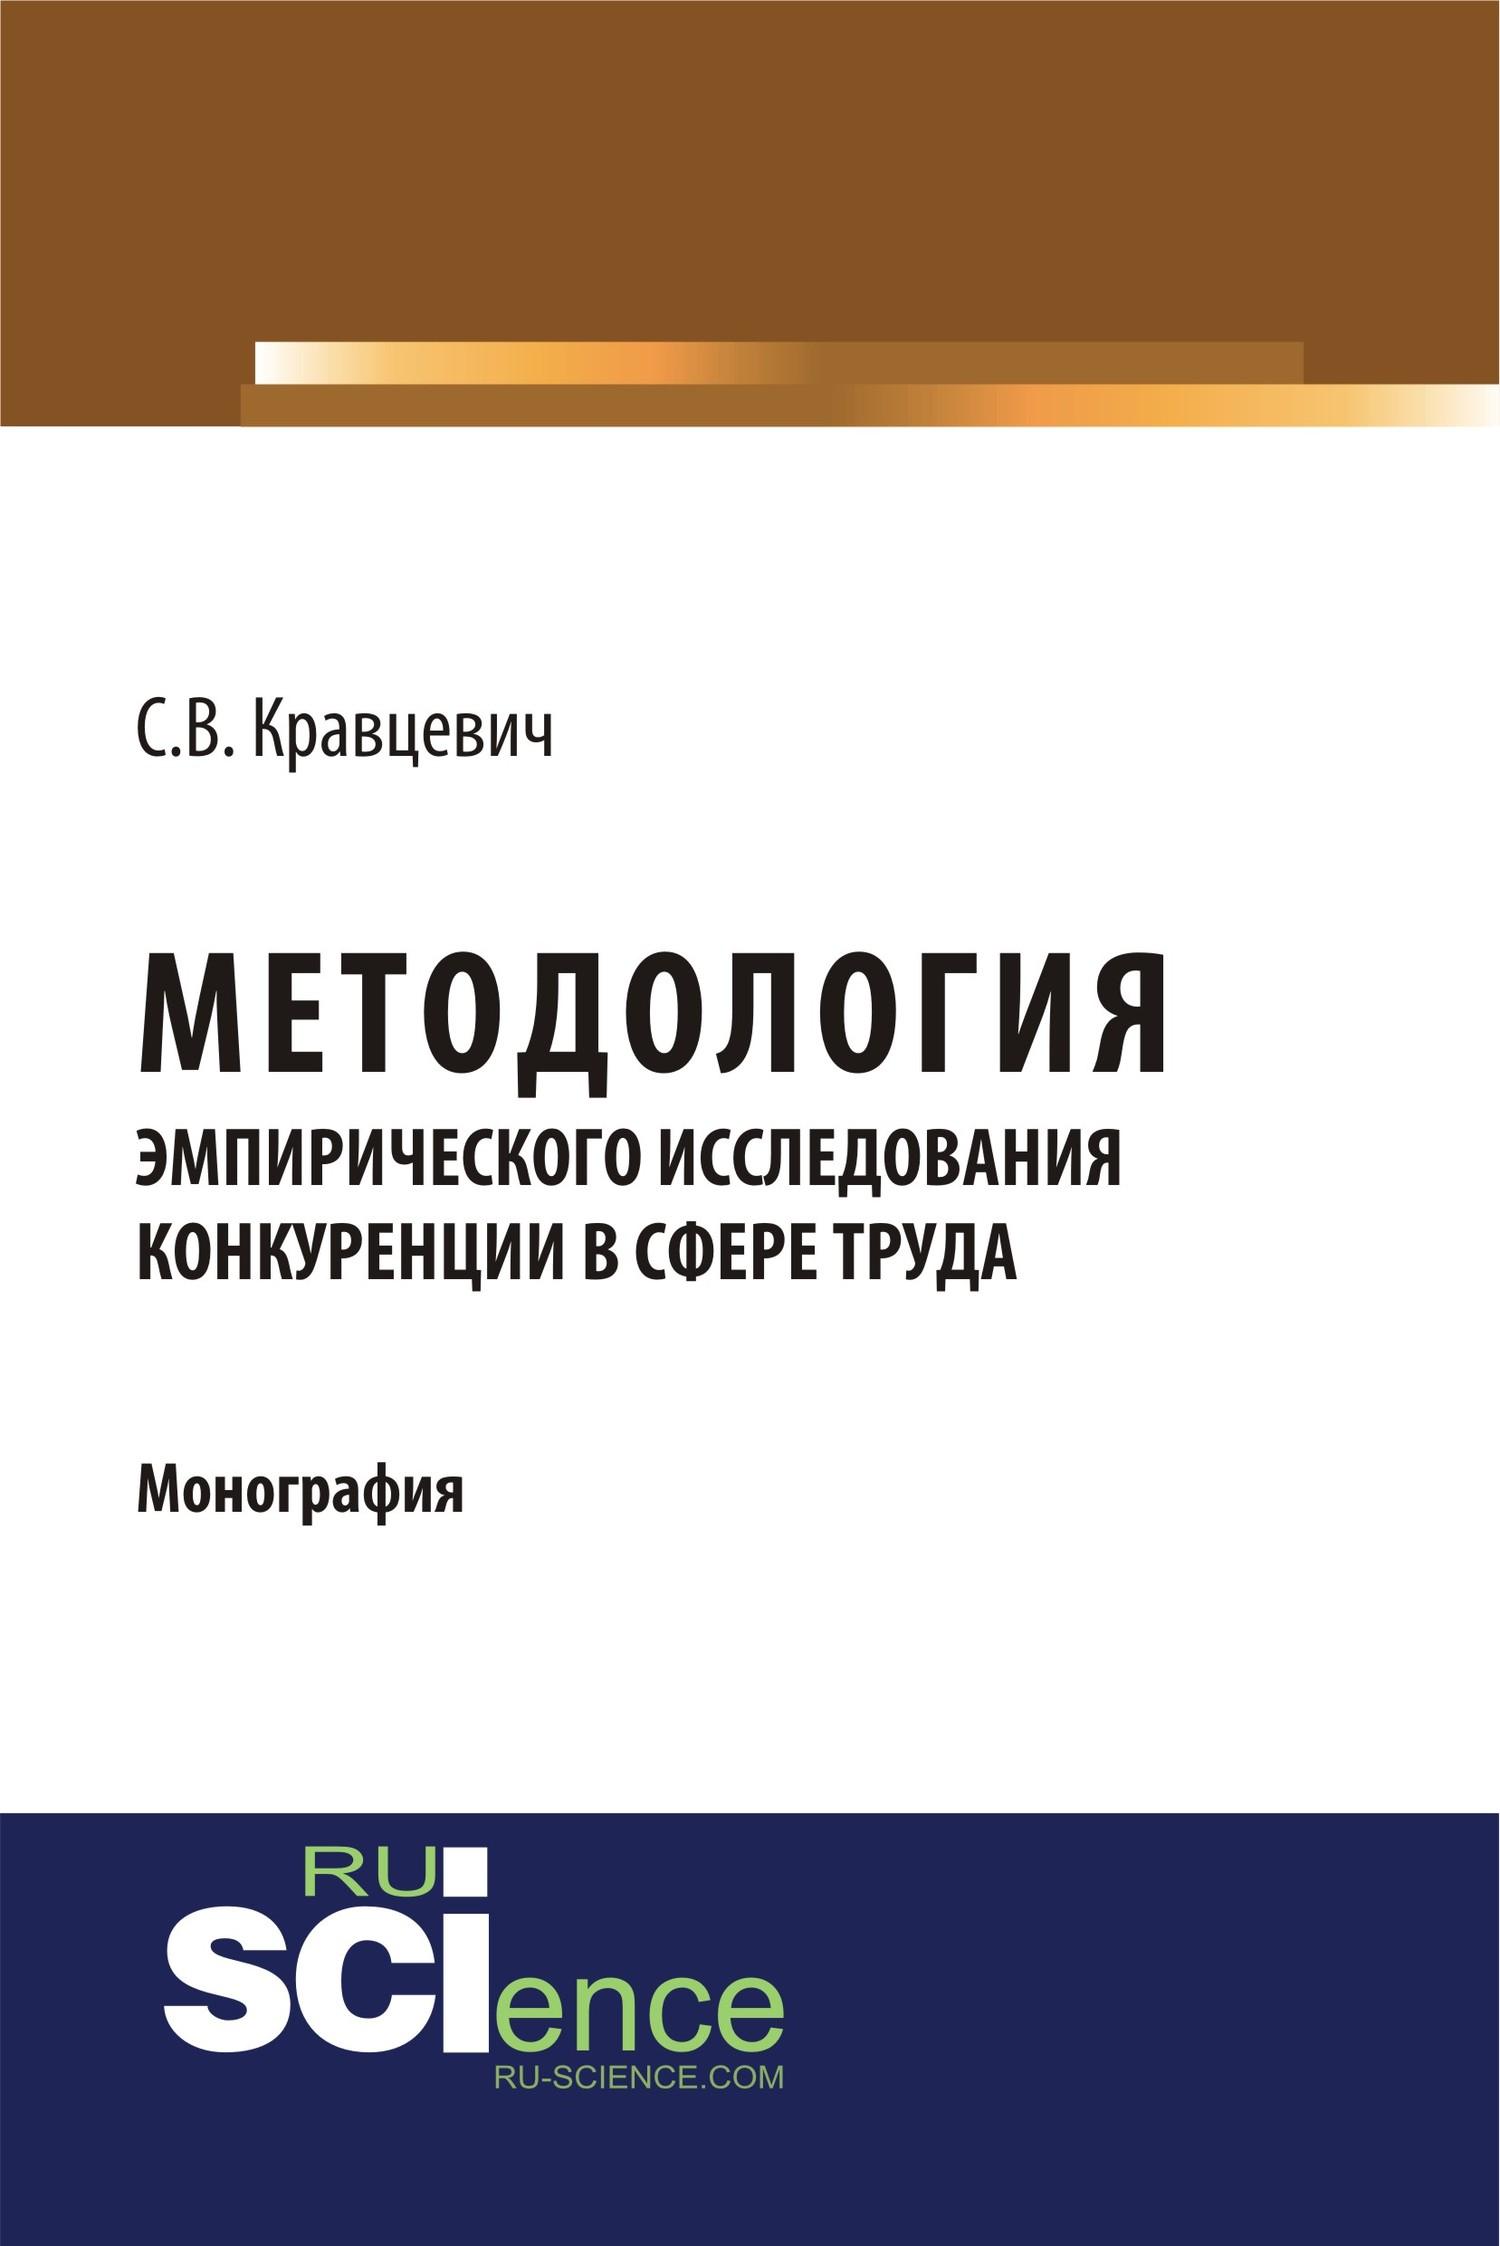 С. В. Кравцевич Методология эмпирического исследования конкуренции в сфере труда математическое моделирование процессов в машиностроении